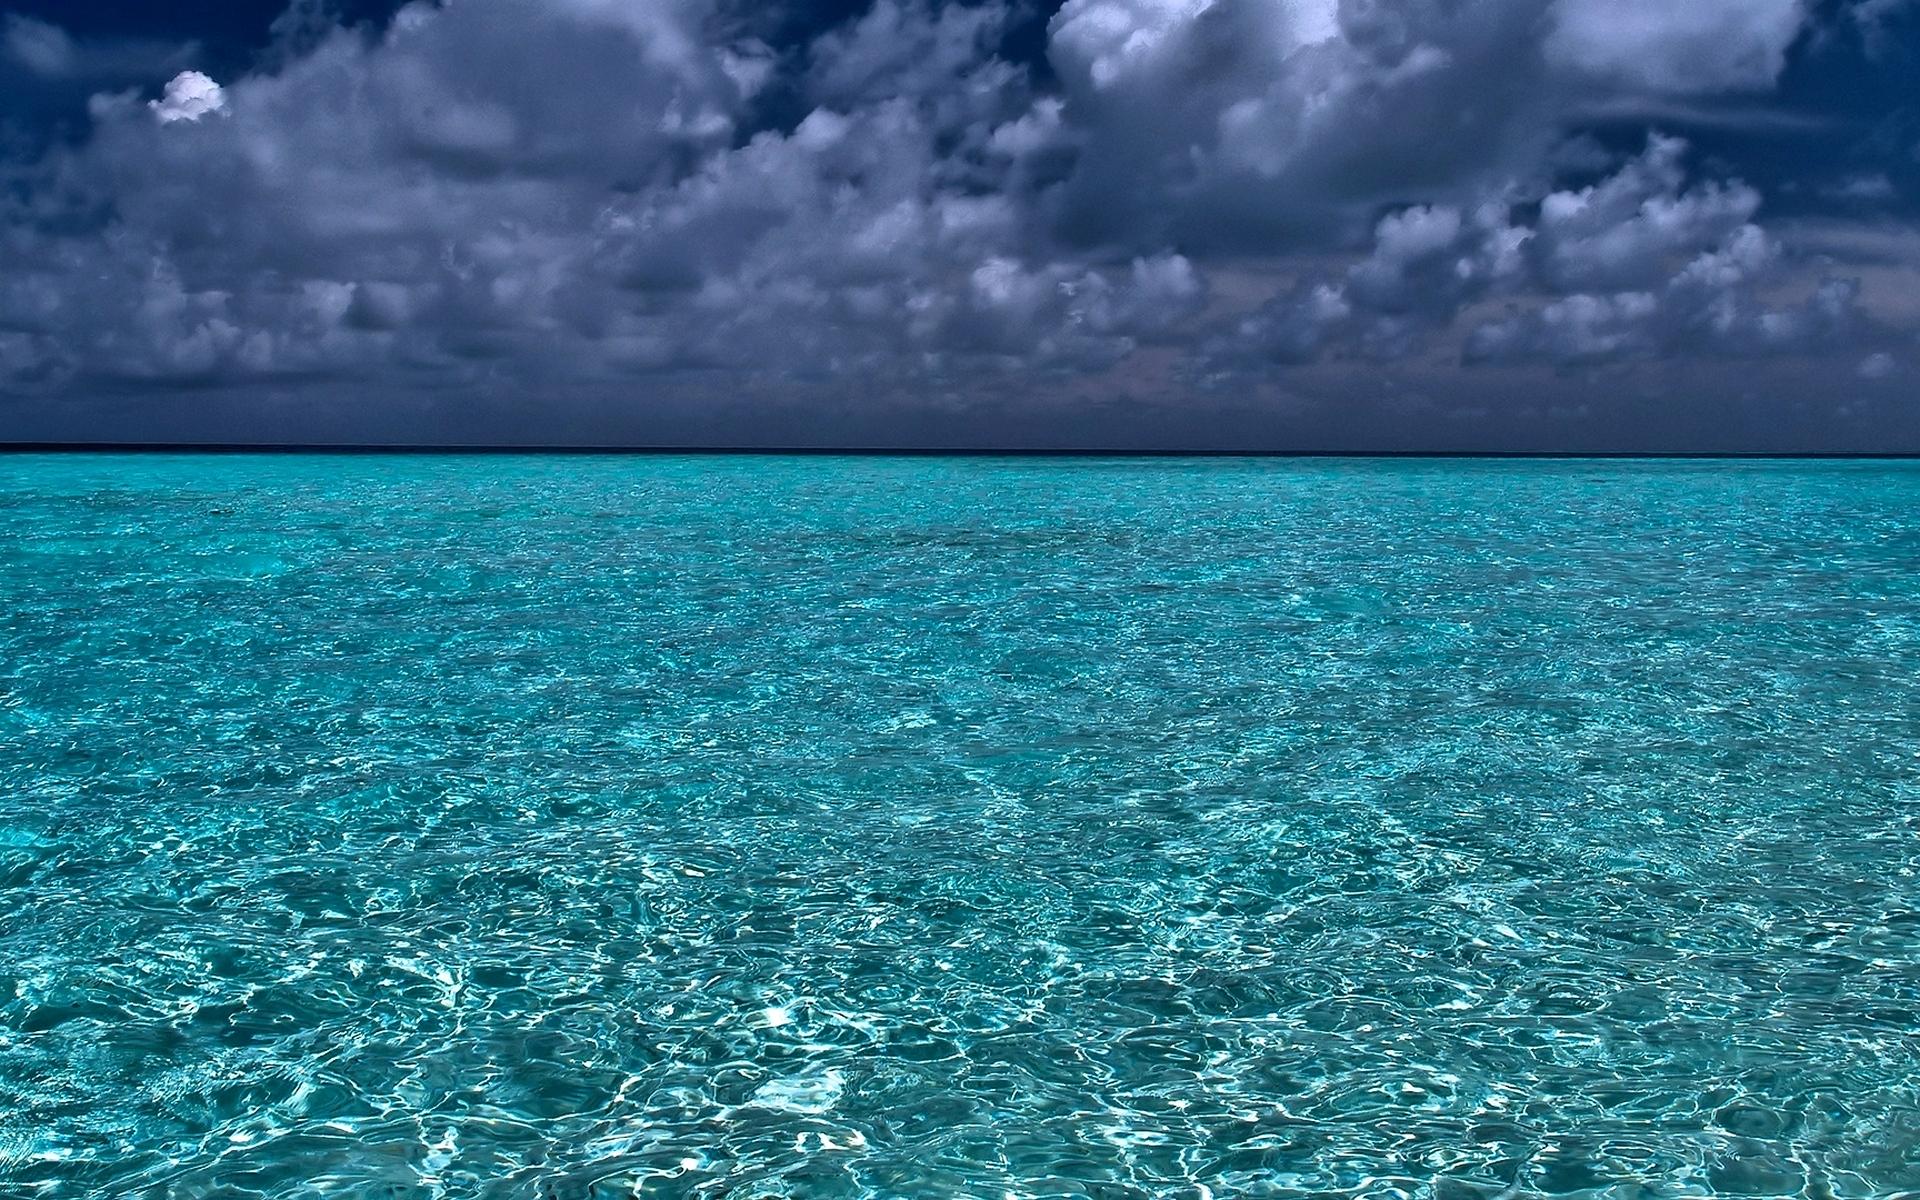 вода море природа  № 398794 бесплатно